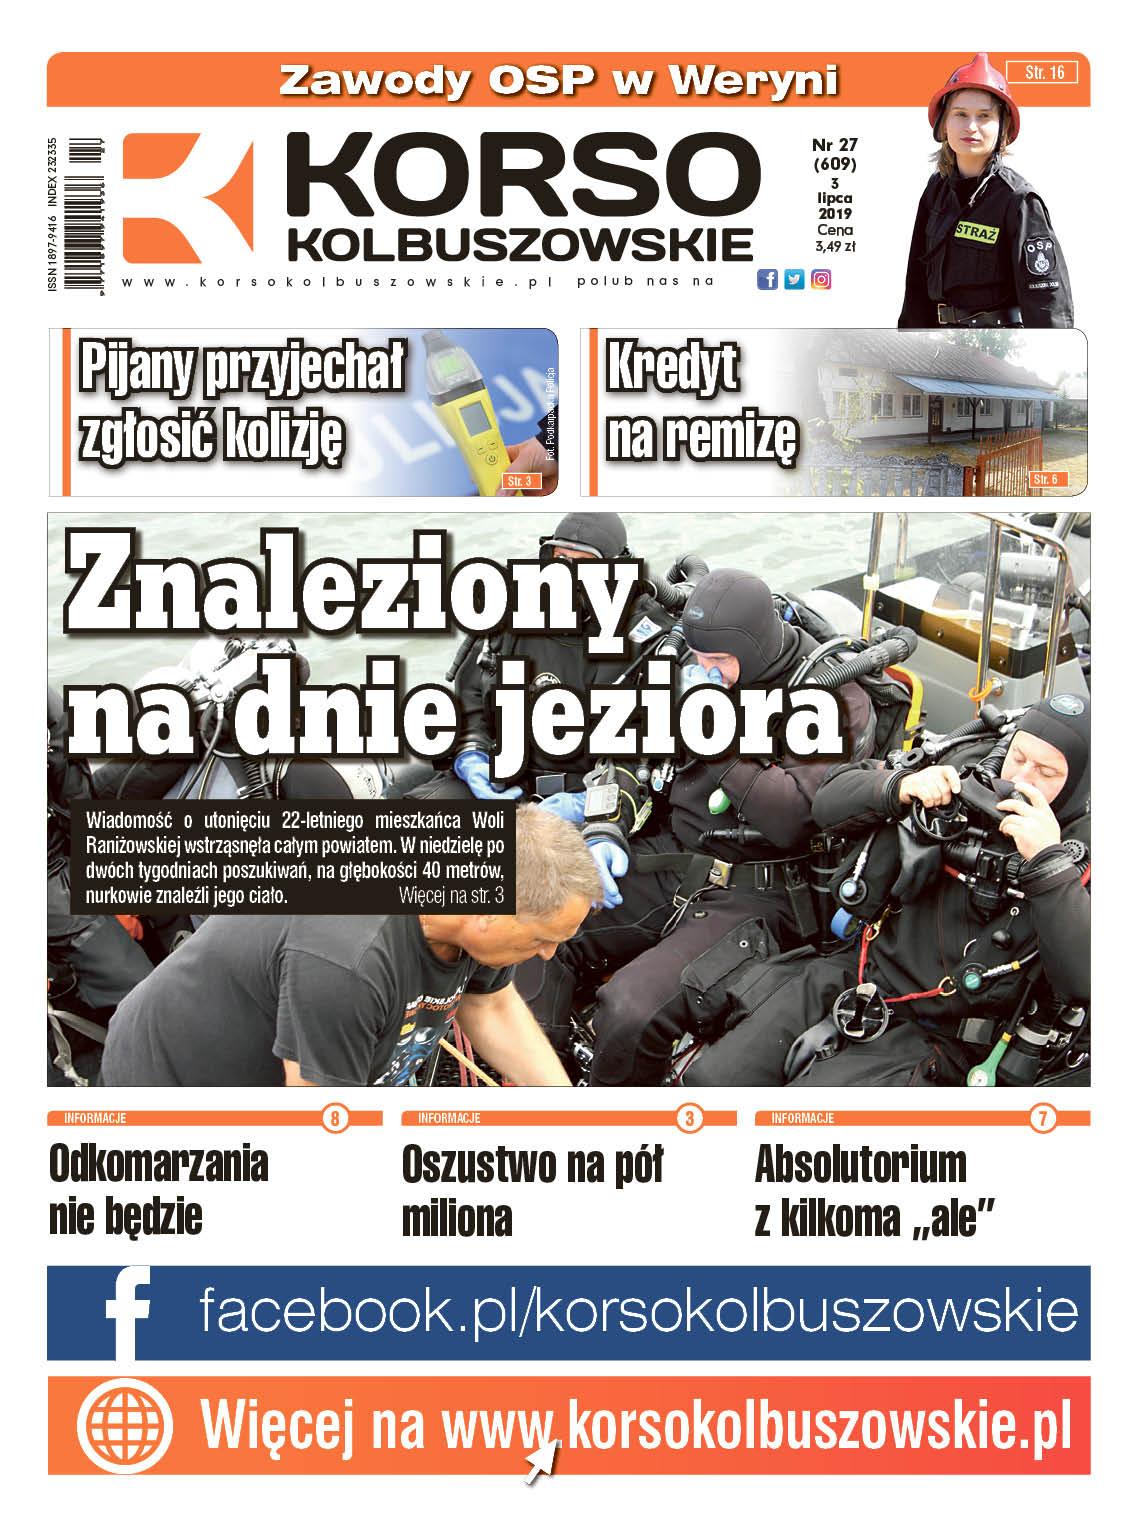 Korso Kolbuszowskie - nr 27/2019 - Zdjęcie główne